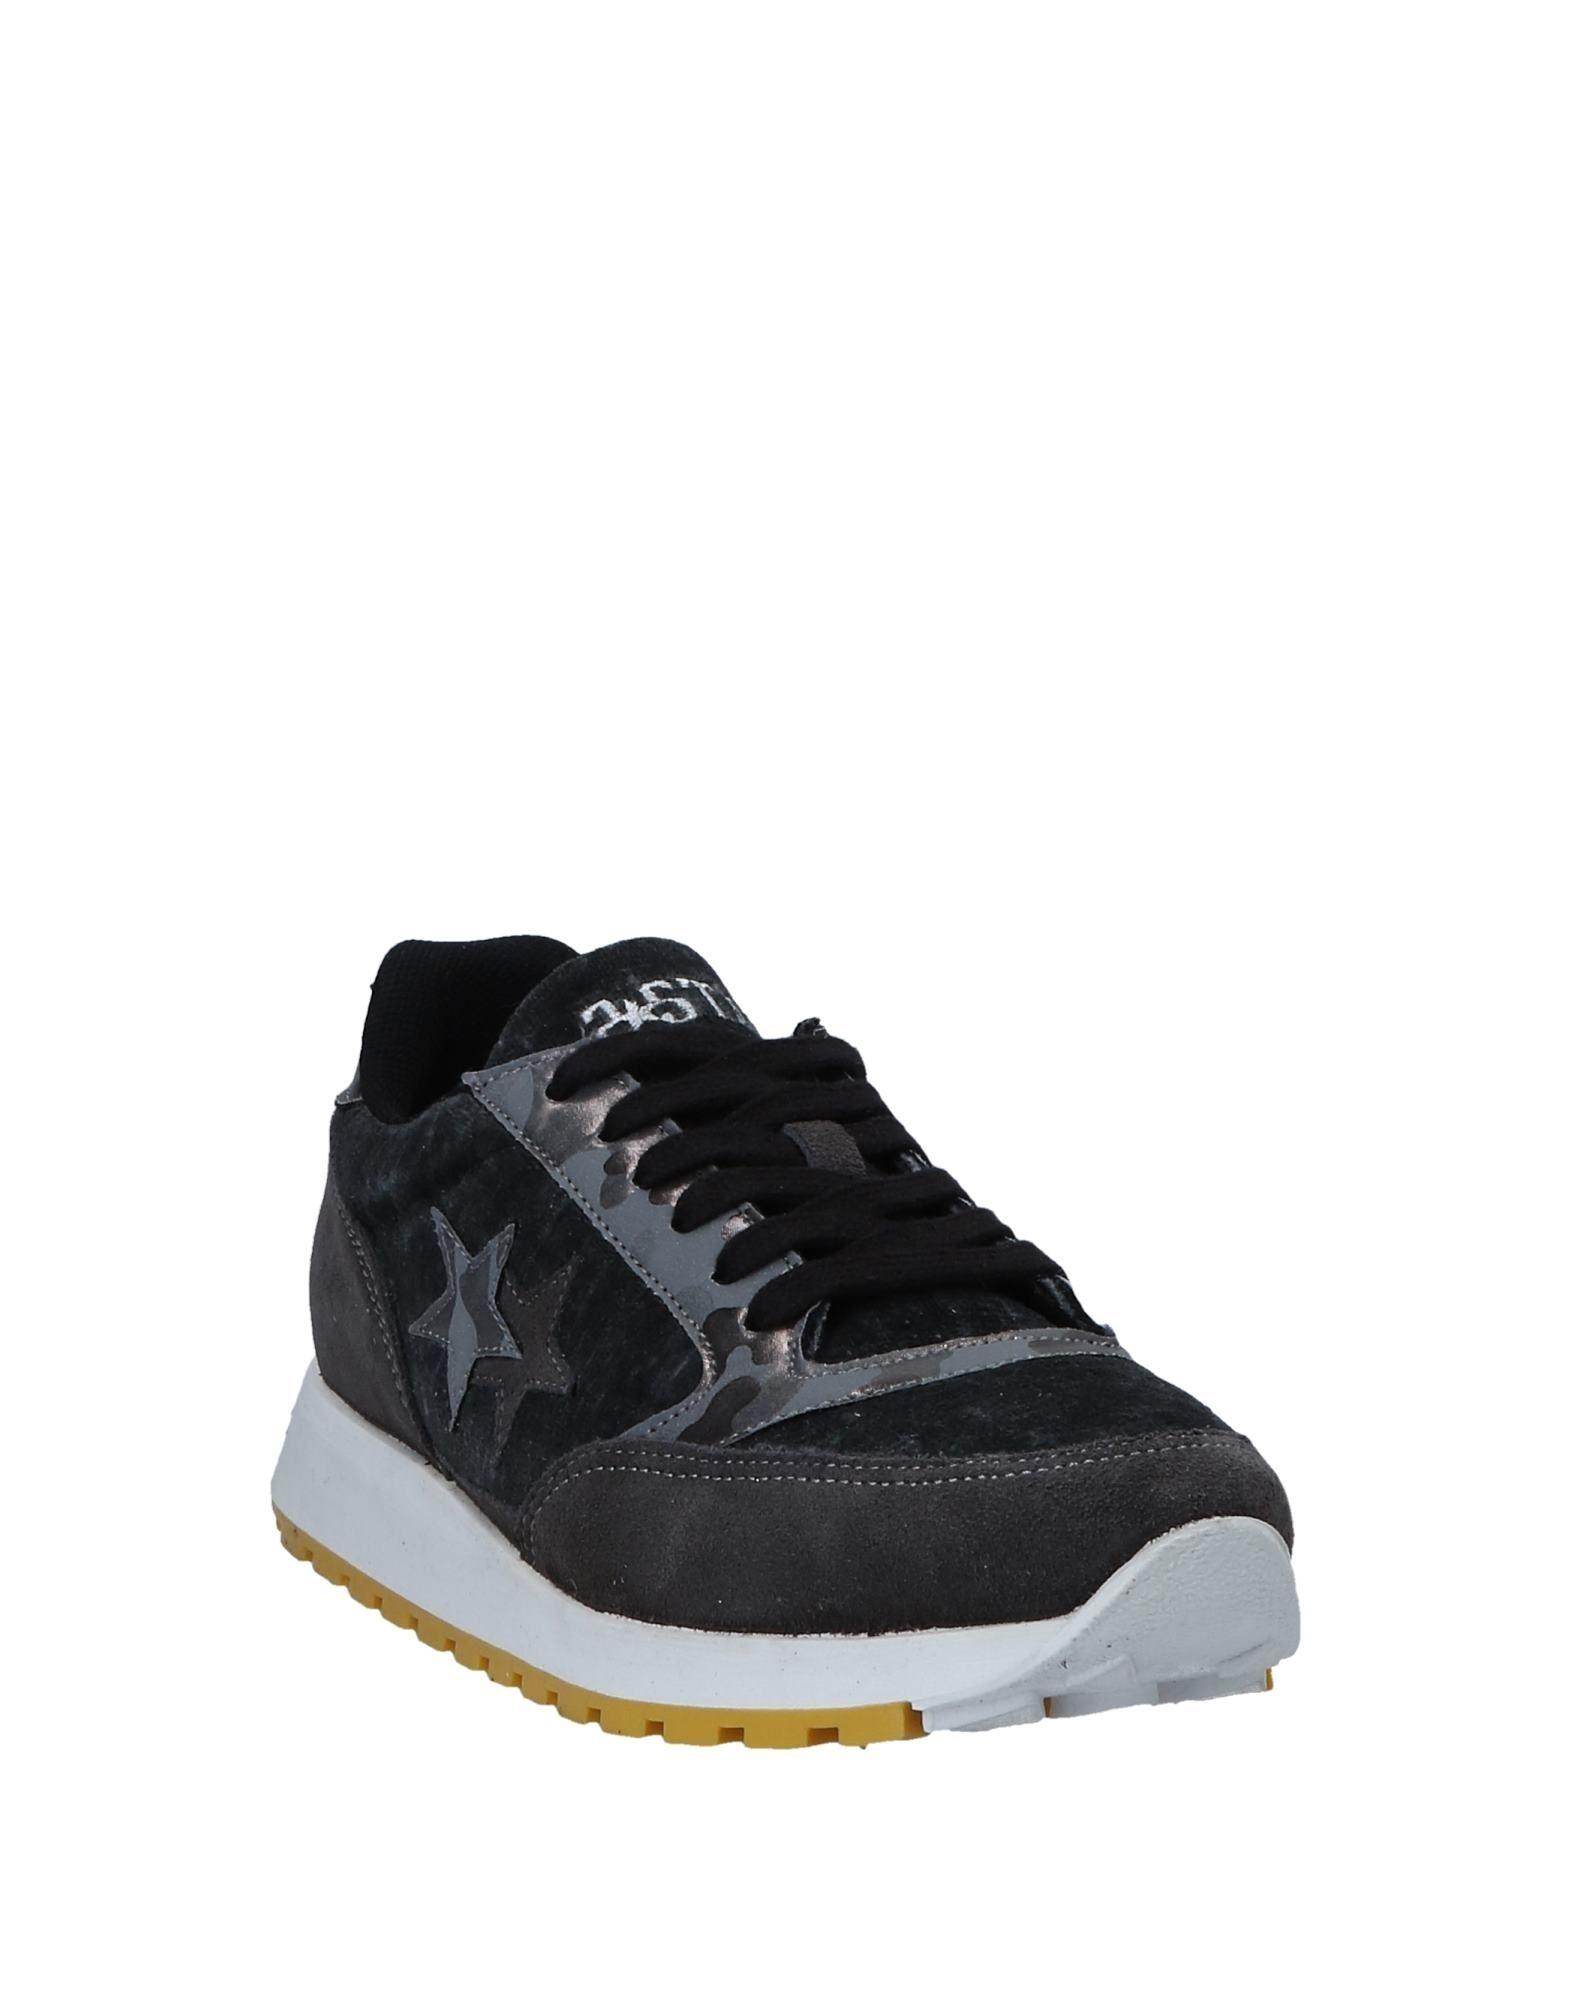 Rabatt Herren echte Schuhe 2Star Sneakers Herren Rabatt  11554678WD a49d46